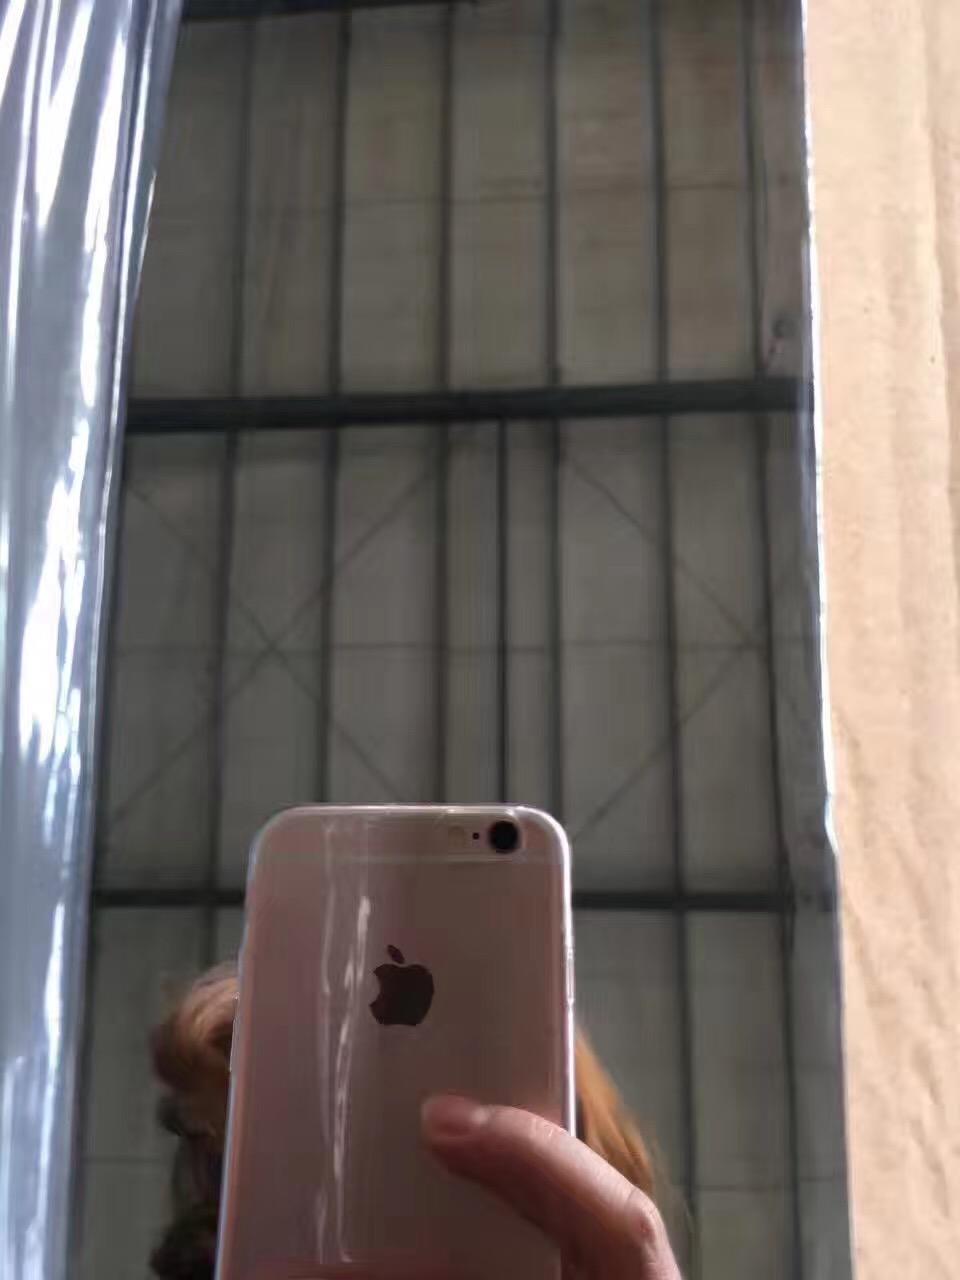 江苏不锈钢材厂家 卓越服务 无锡迈瑞克金属材料亚博娱乐是正规的吗--任意三数字加yabo.com直达官网